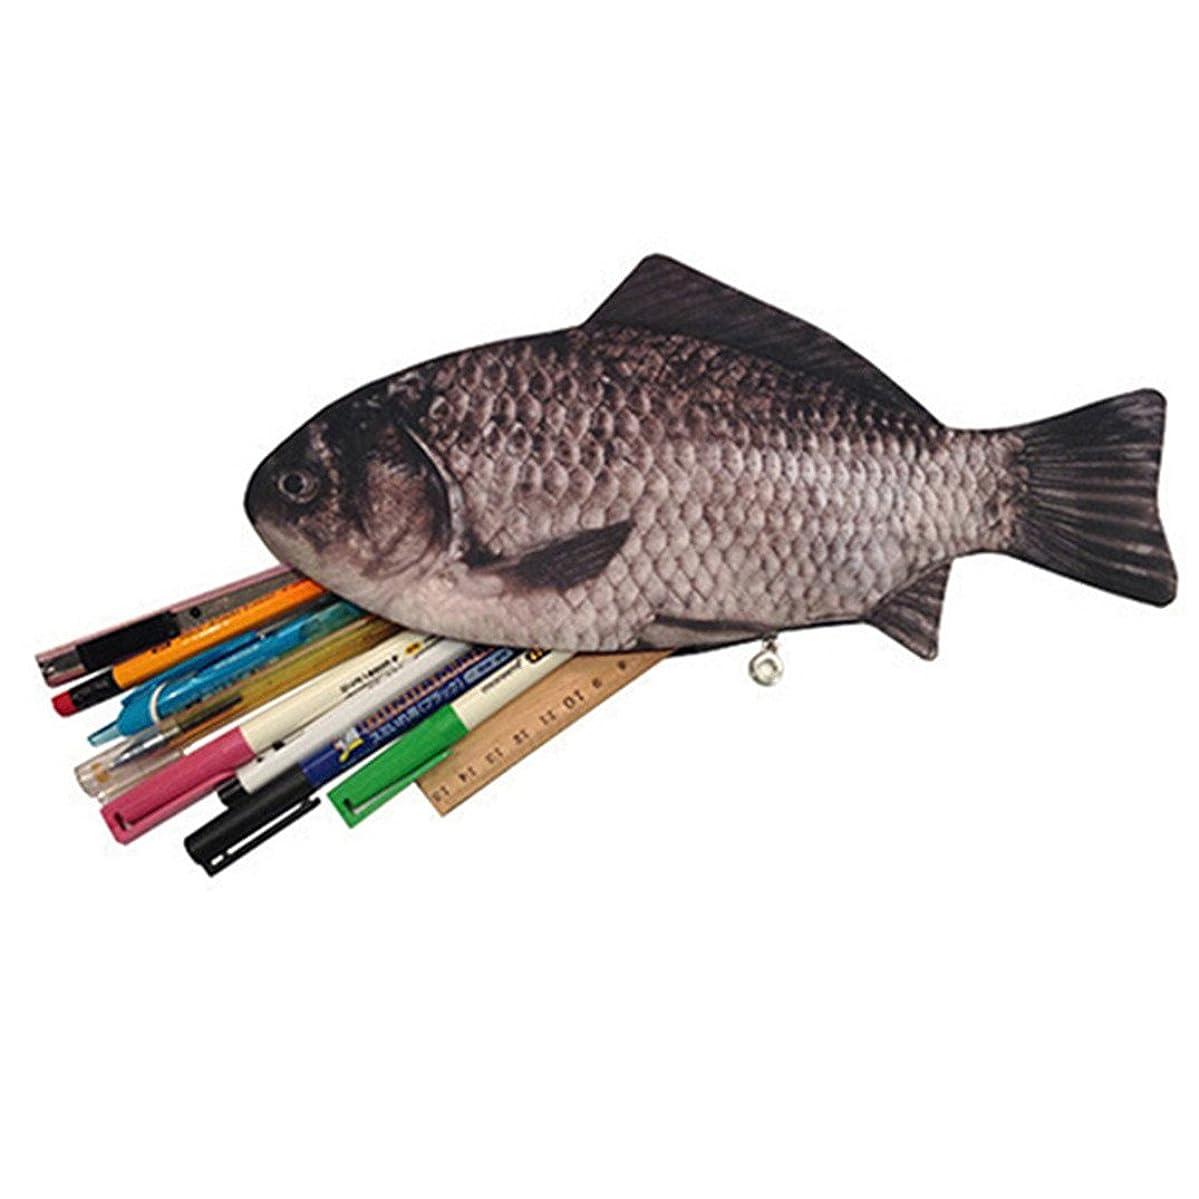 Gotoole Women's Creative Pen Bag Fish Shape Penceil case Oxford Fabric Zip Wallet